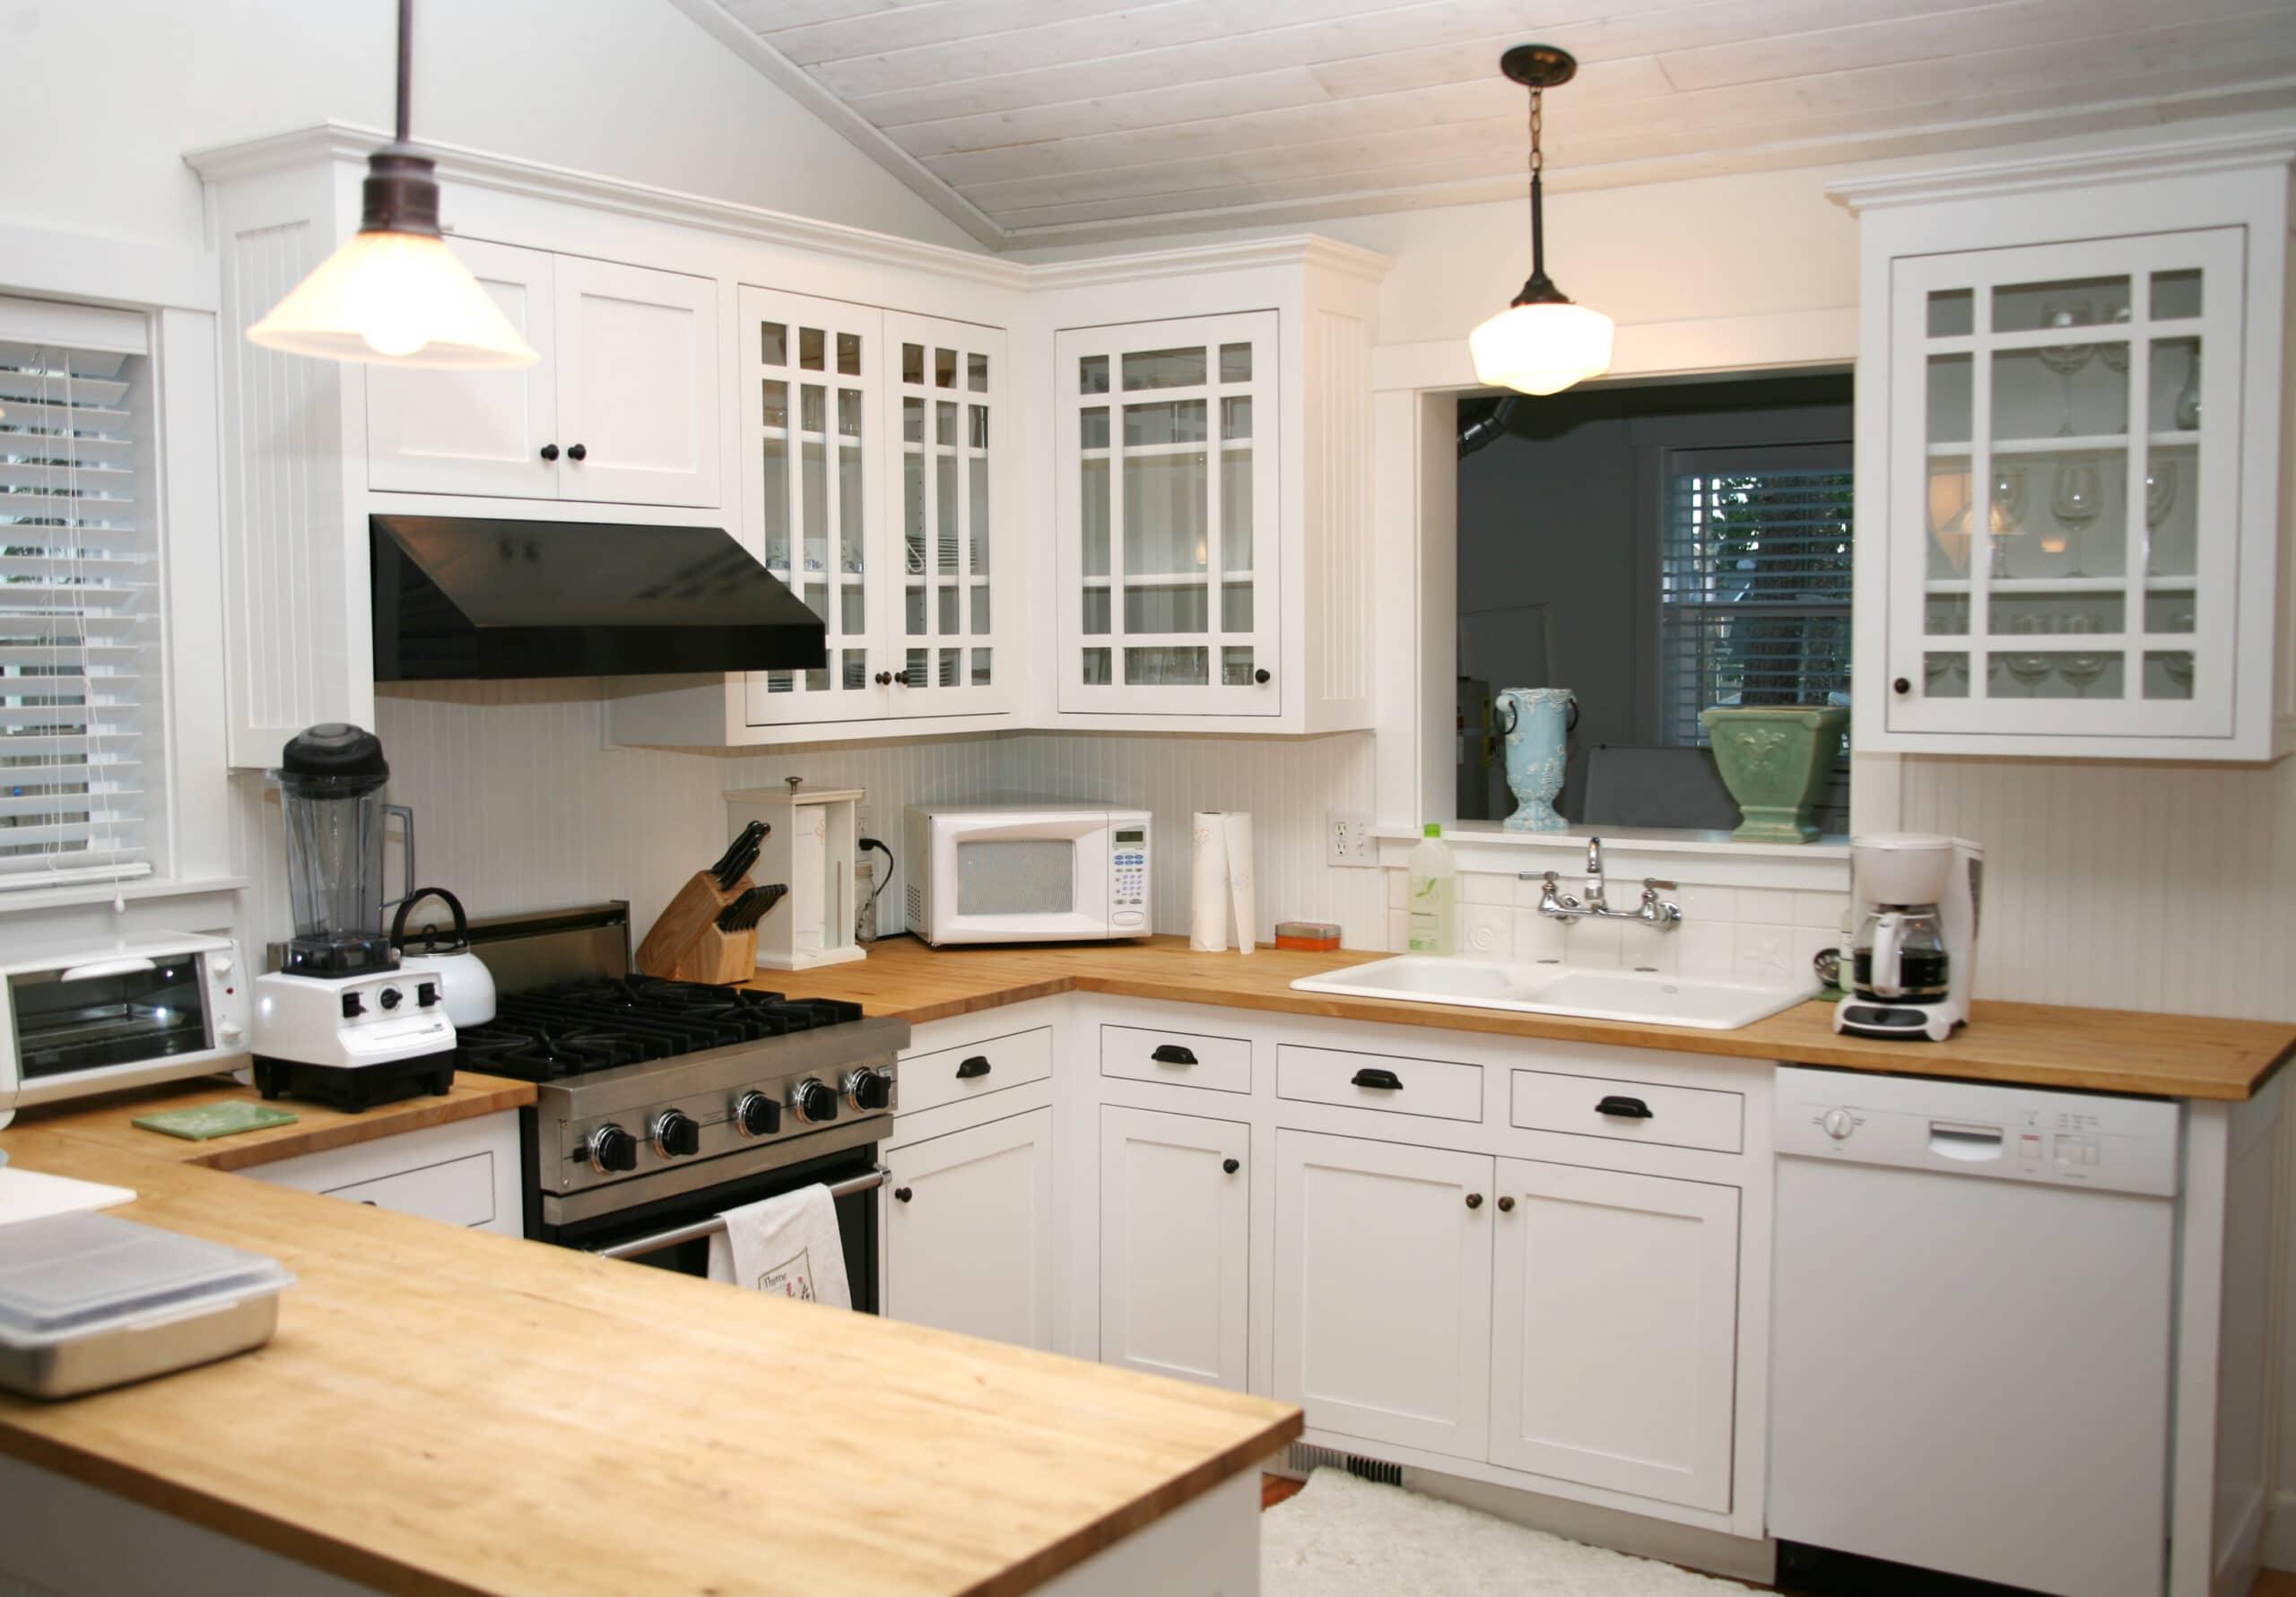 מטבח כפרי עם מטבח לבן עם קולט אדים שחור דגם 3 CB